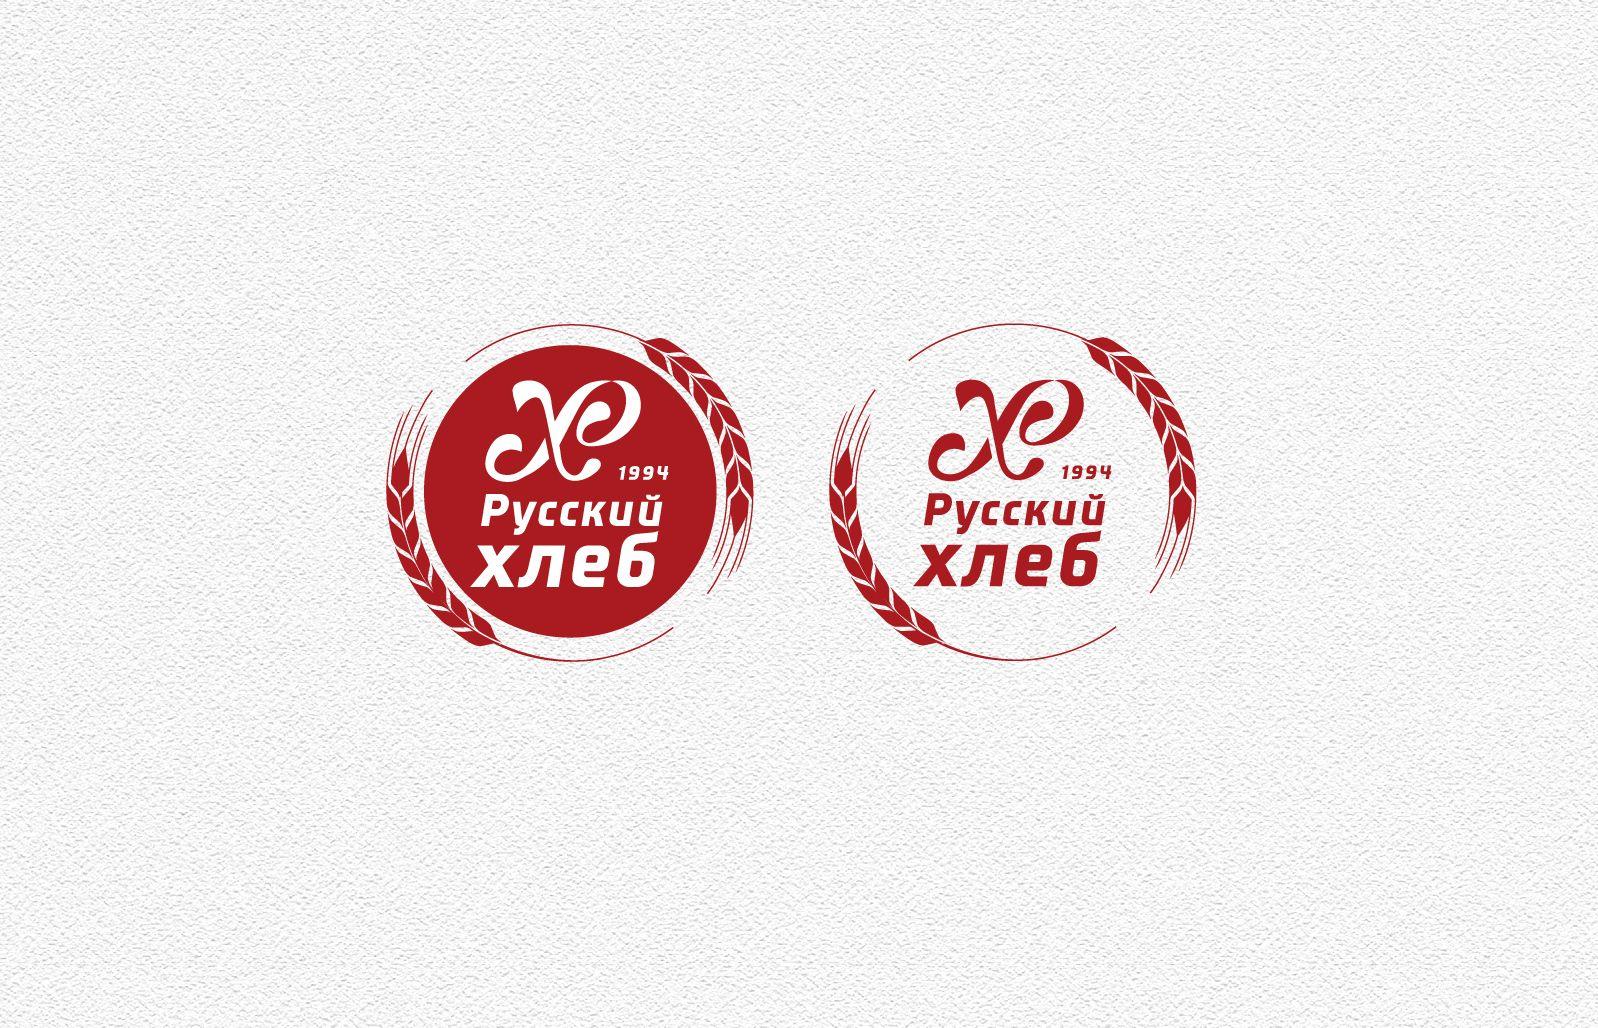 Лого и фирменный стиль для Русский хлеб  - дизайнер andblin61